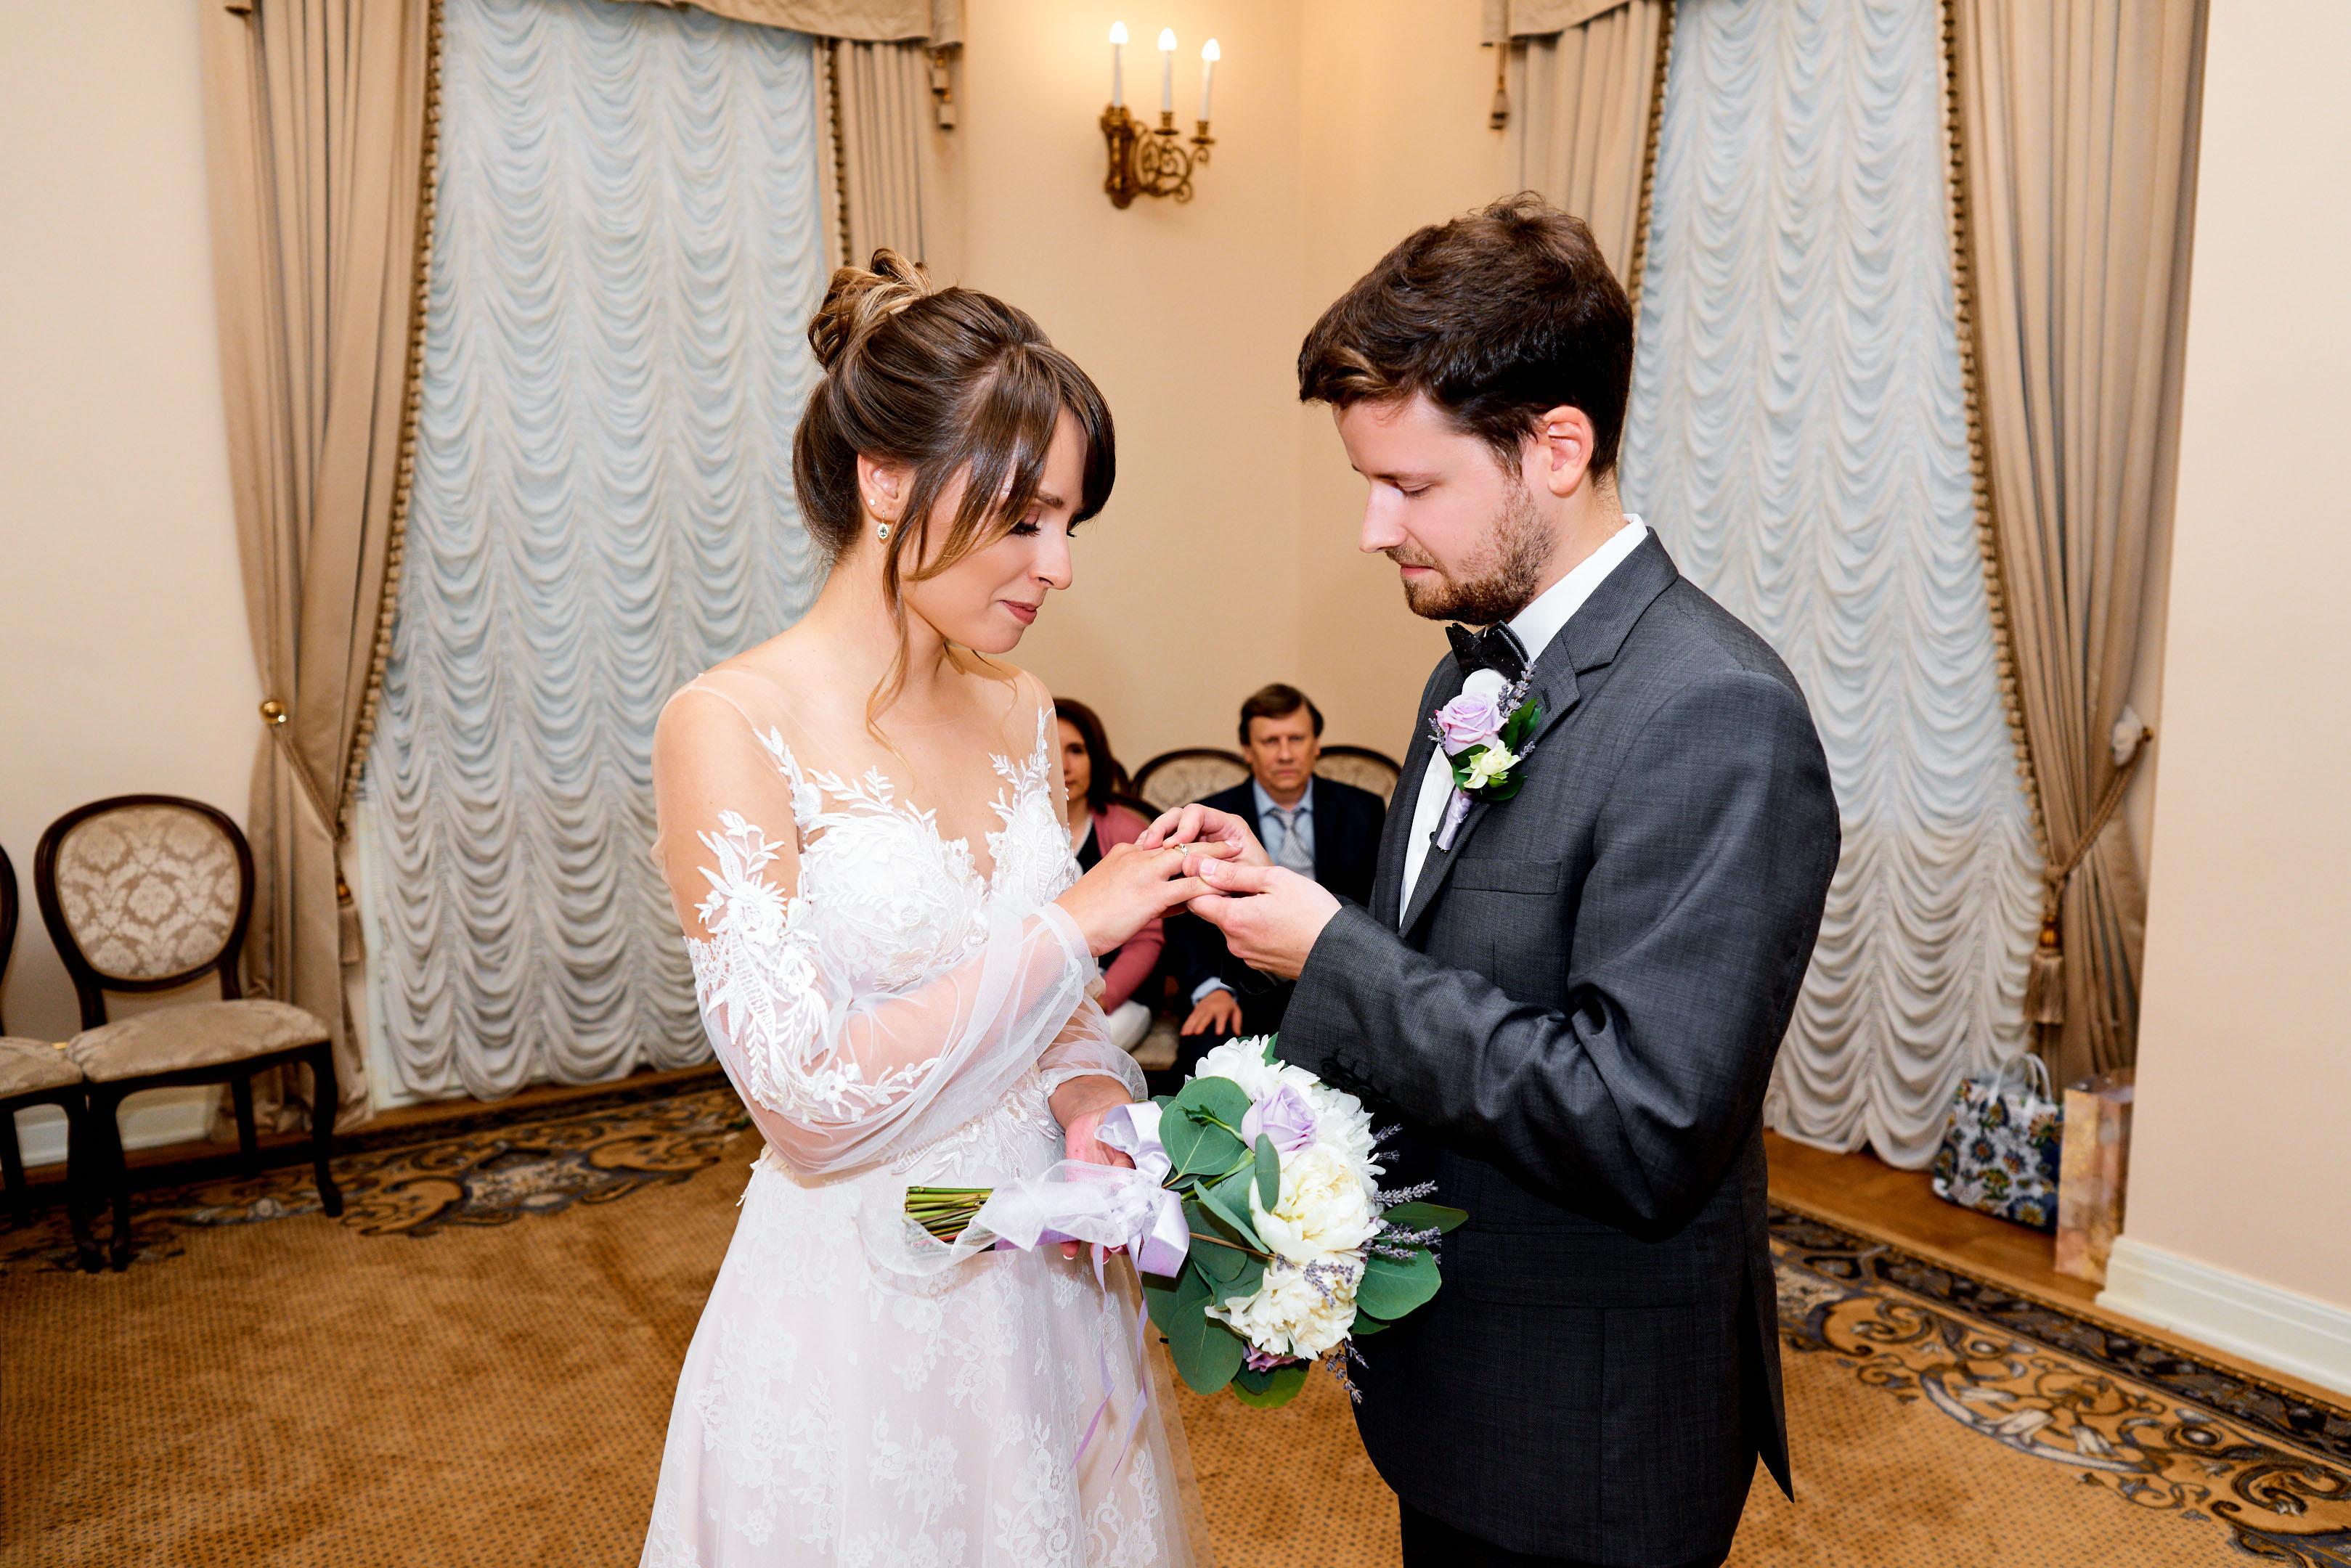 Свадебная фотосессия в Пушкине, торжественная регистрация во дворце бракосочетания №3 свадебный фотограф Пушкин